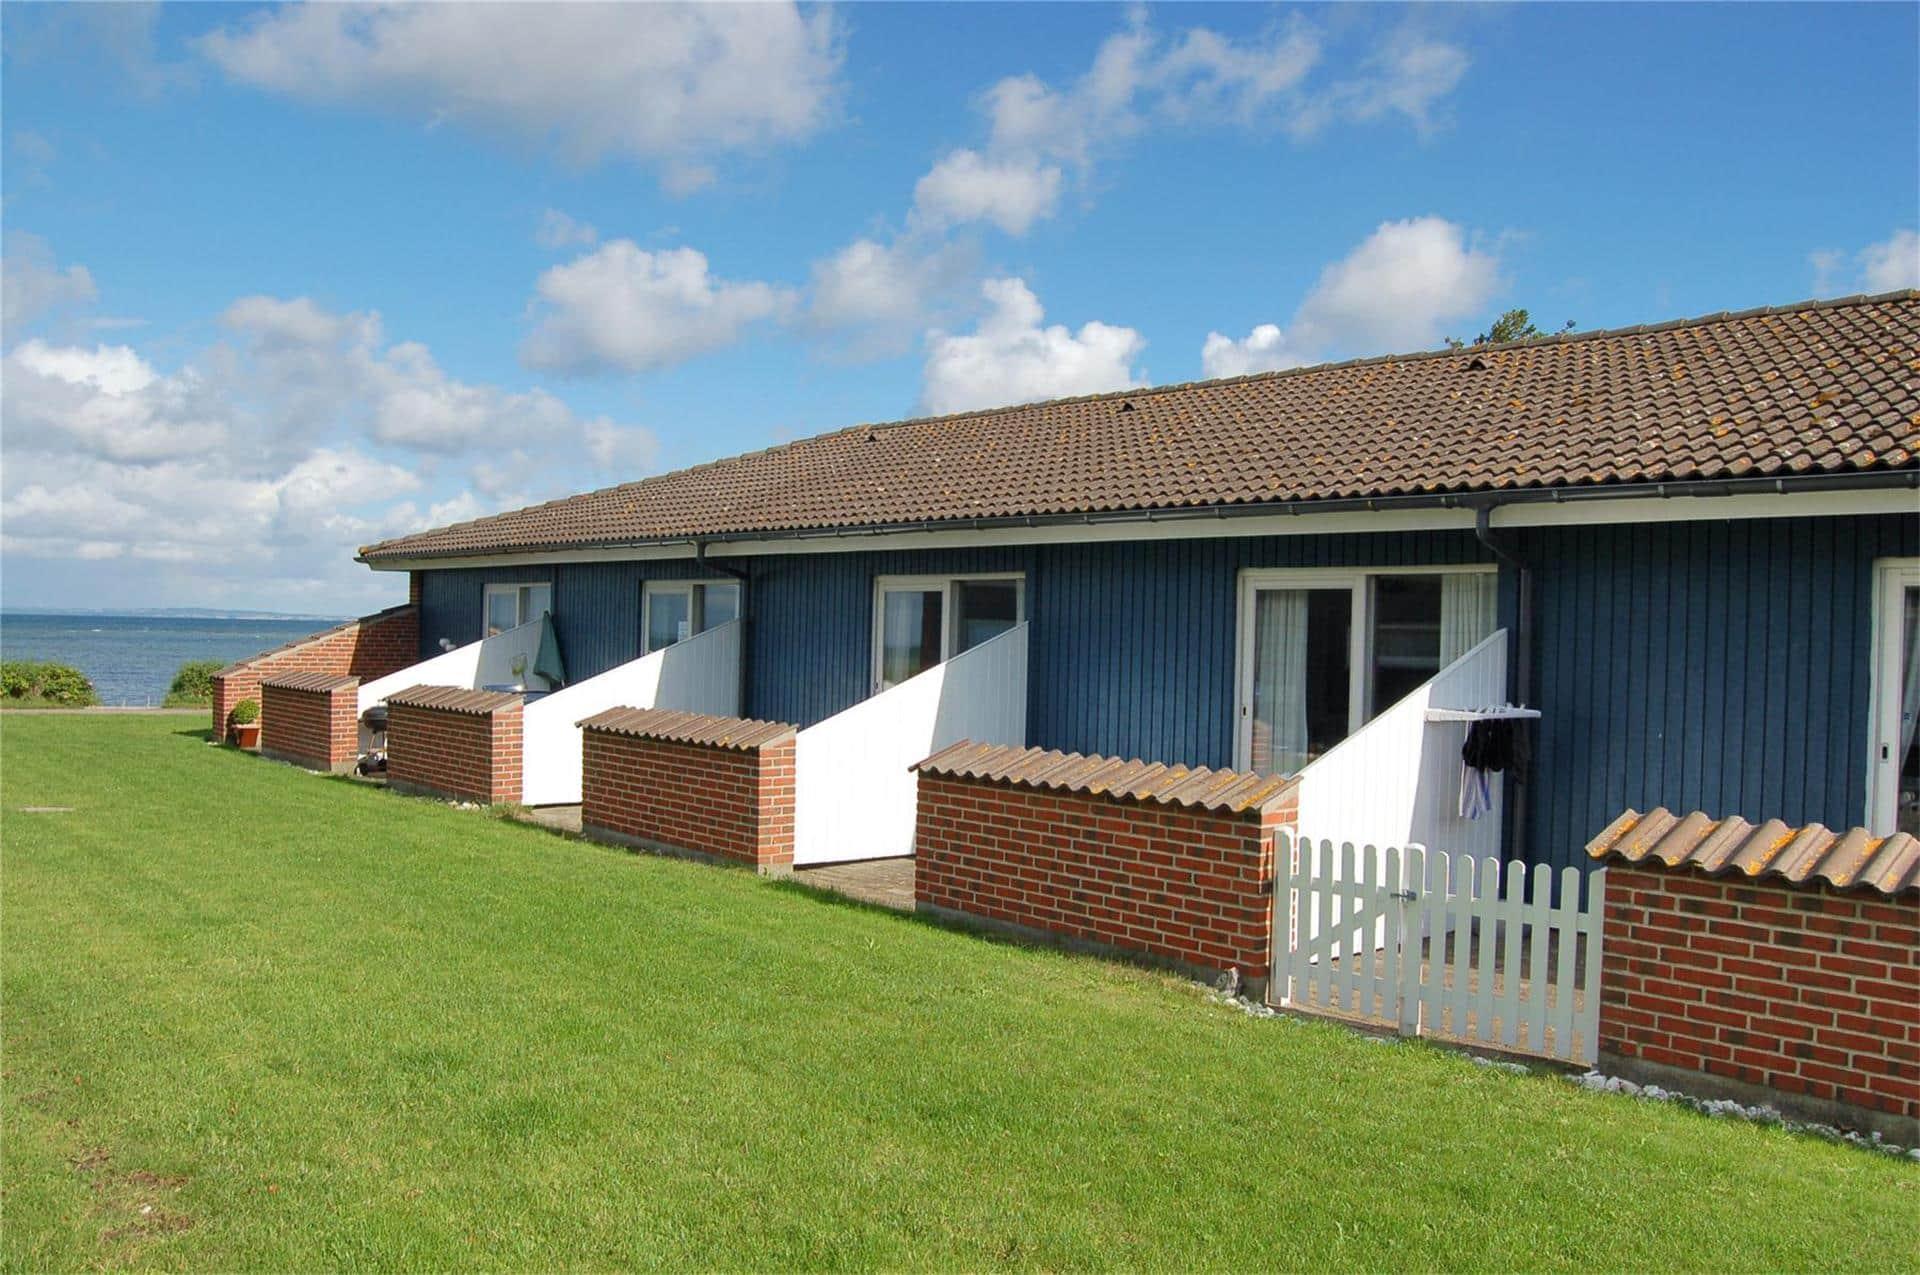 Billede 1-3 Sommerhus M64195, Grønnevej 8, DK - 5400 Bogense